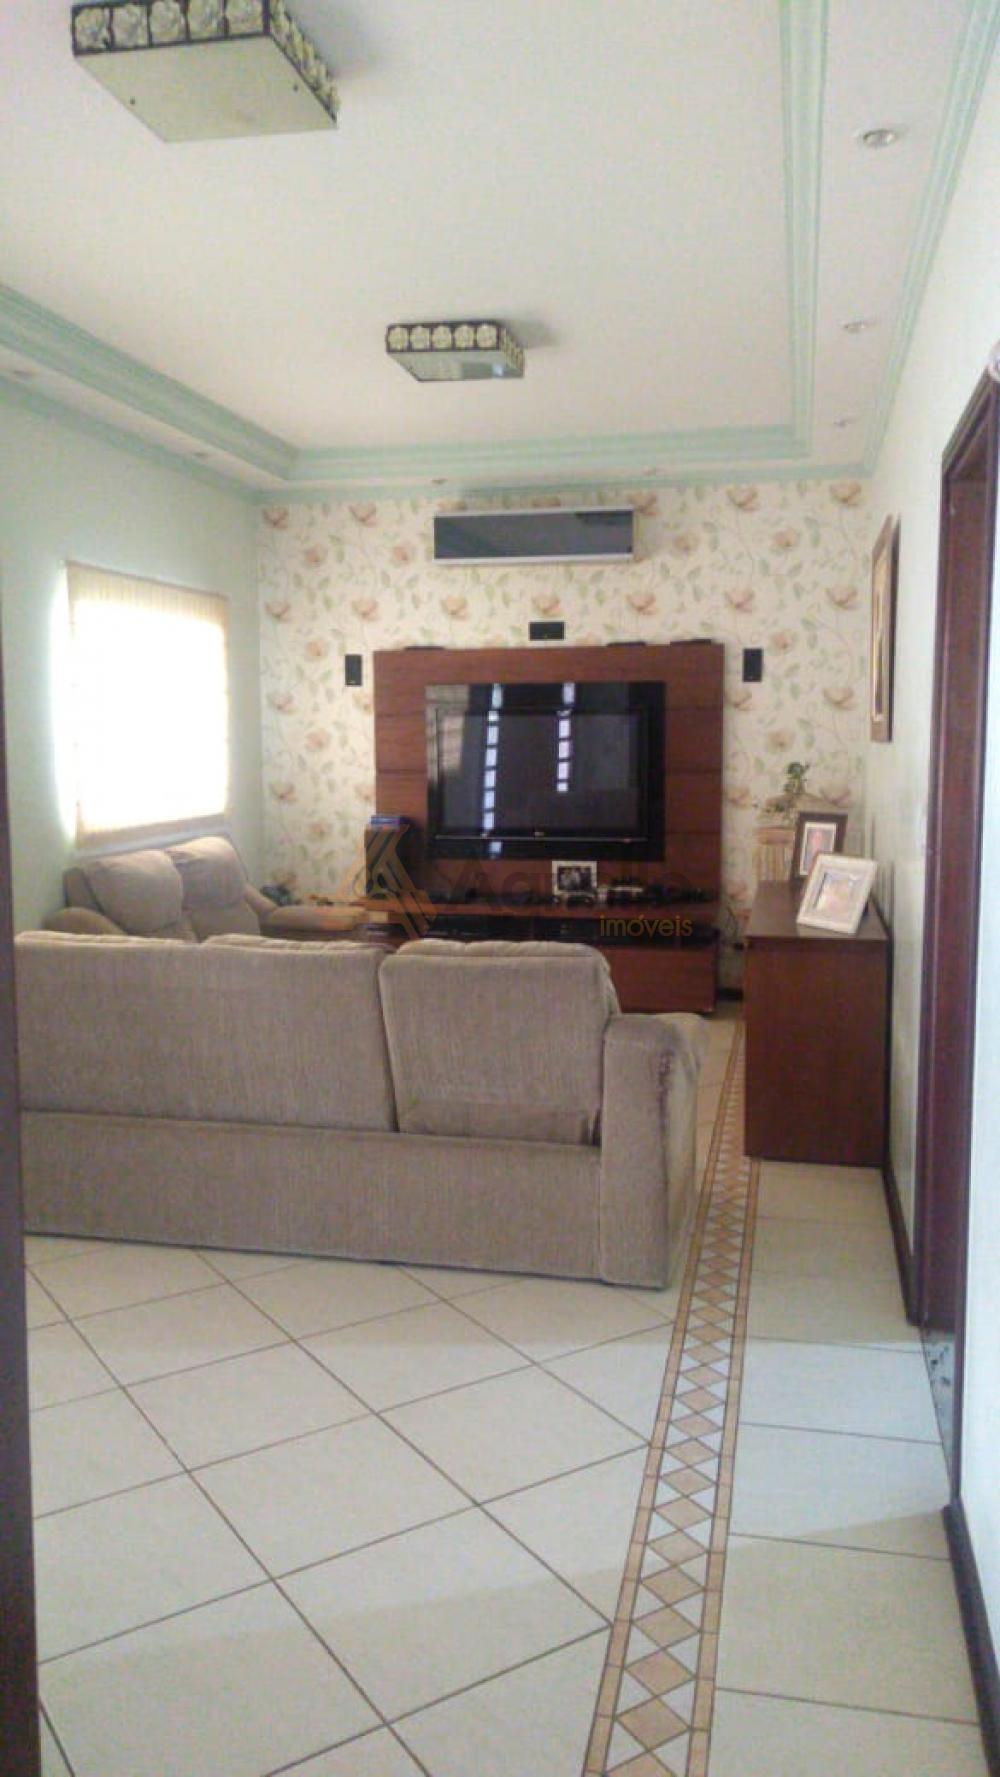 Comprar Casa / Chácara em Franca R$ 2.000.000,00 - Foto 12